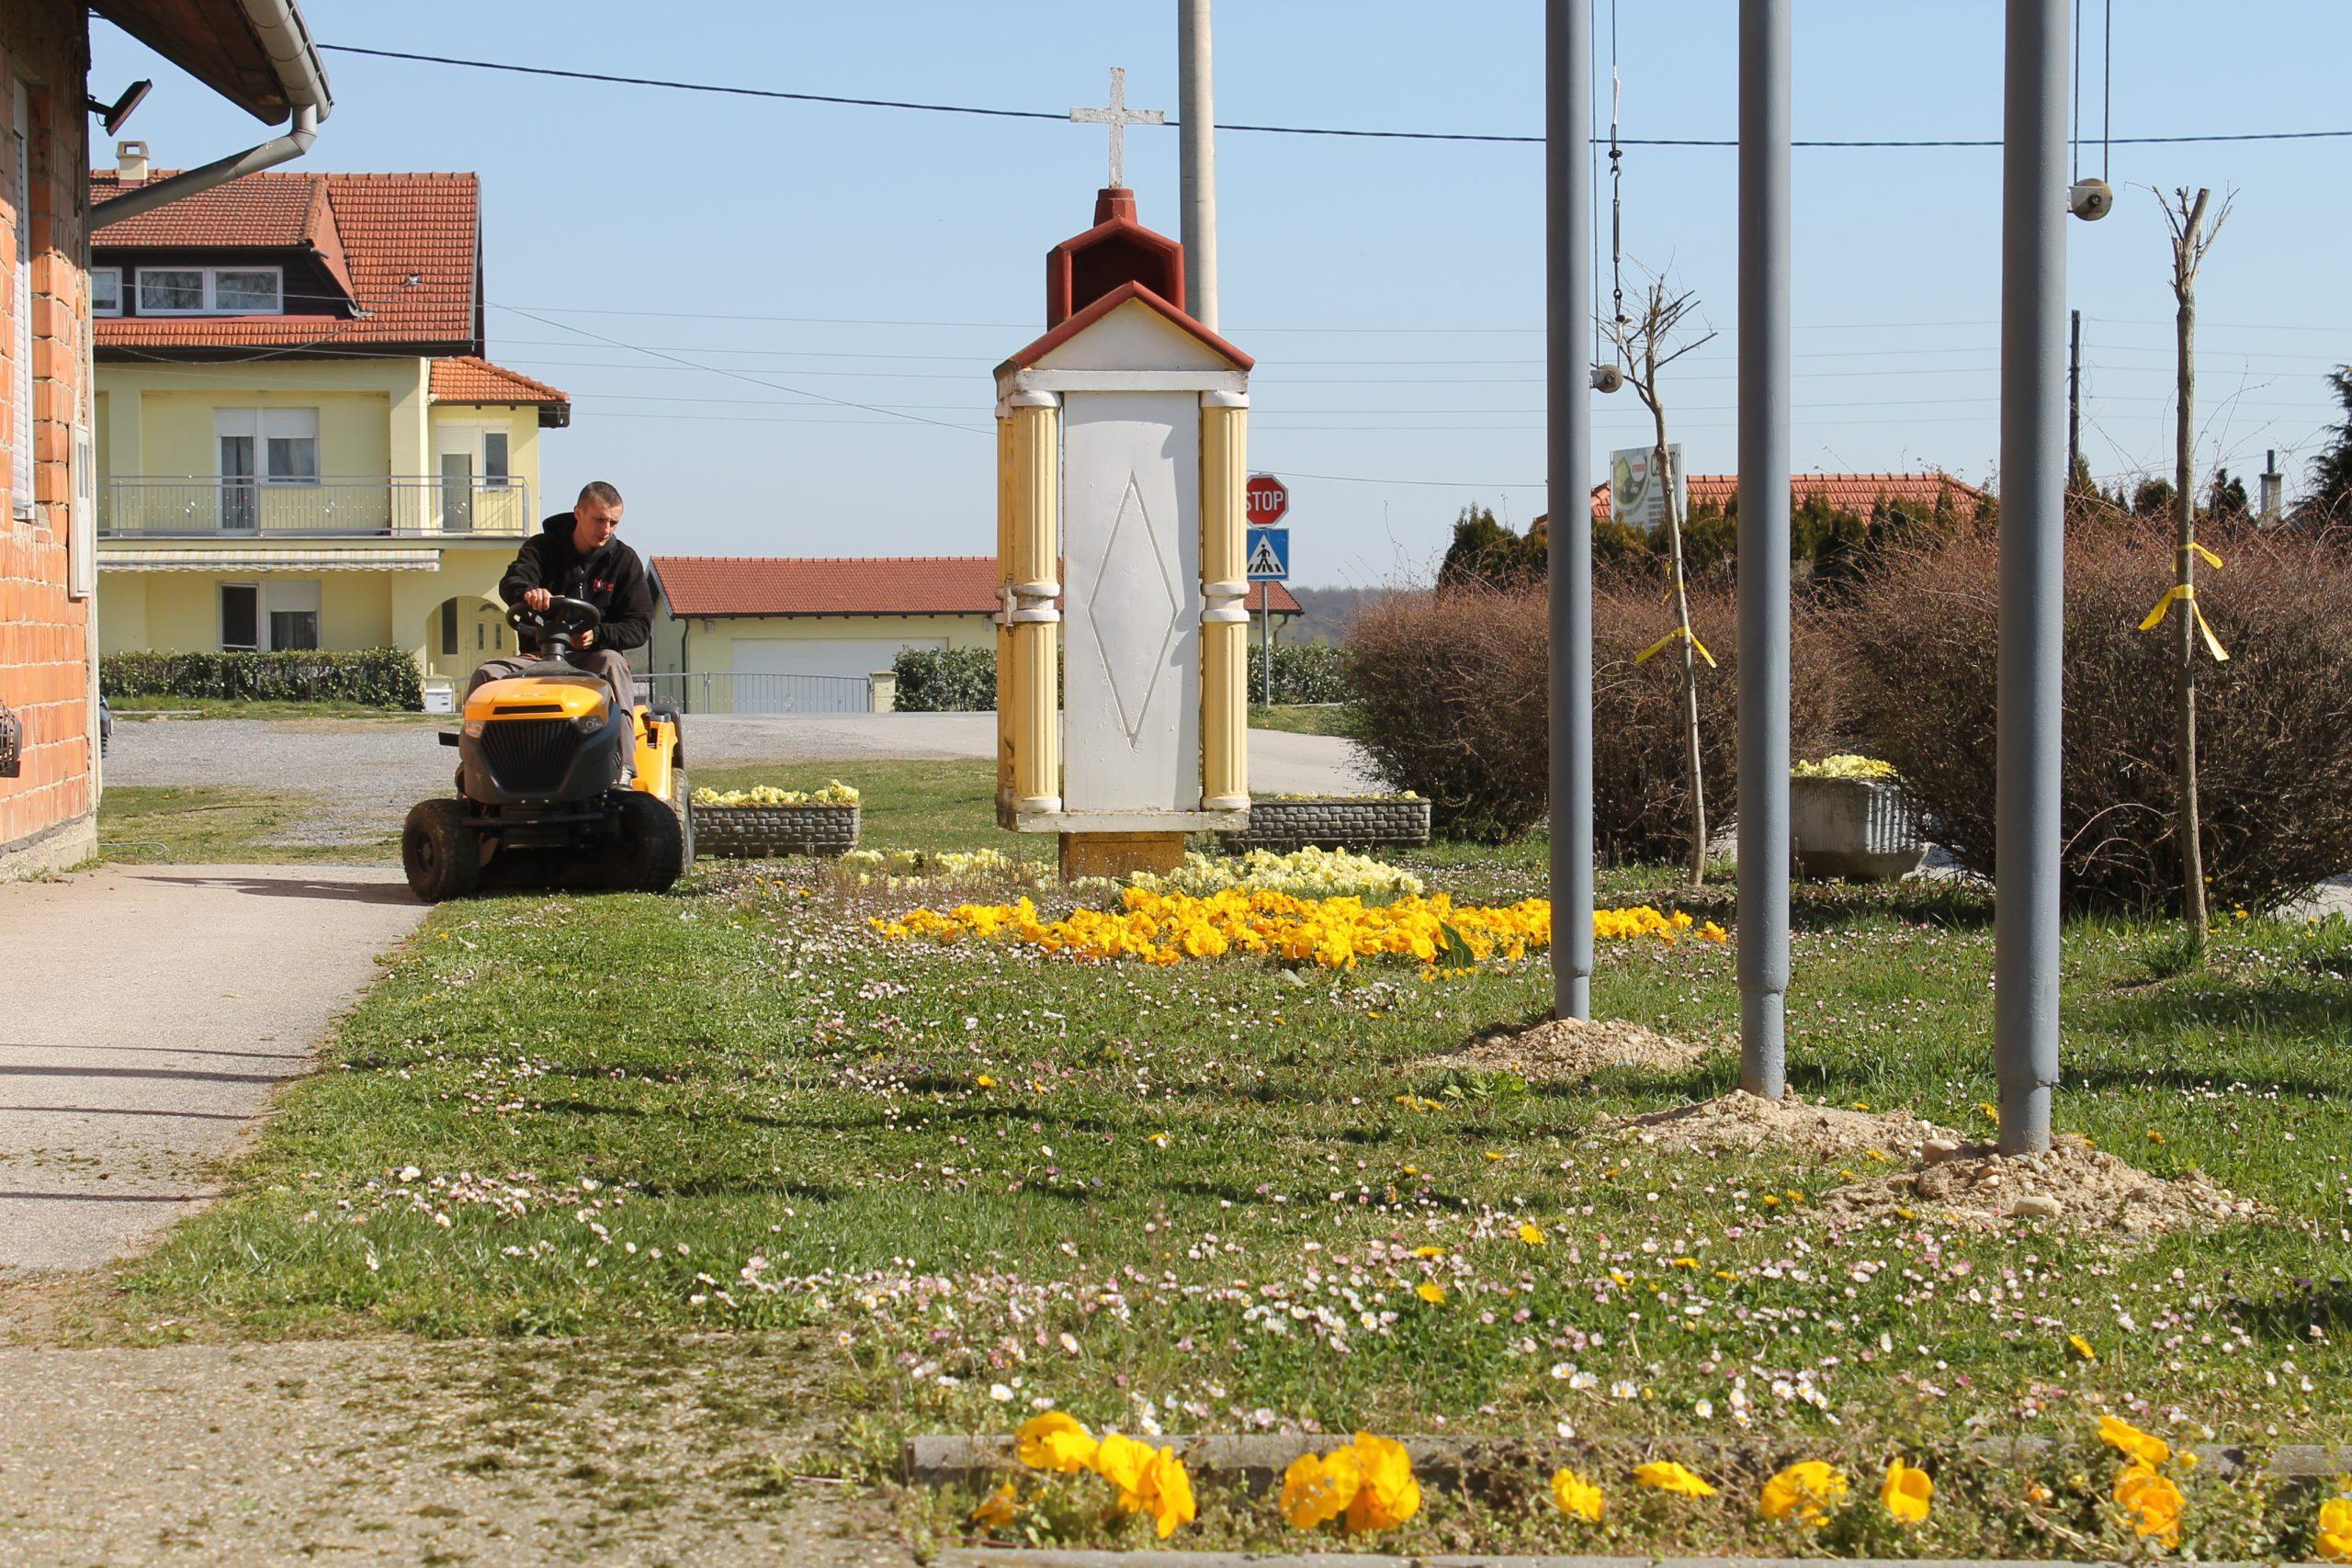 Košnja trave u prigradskim naseljima